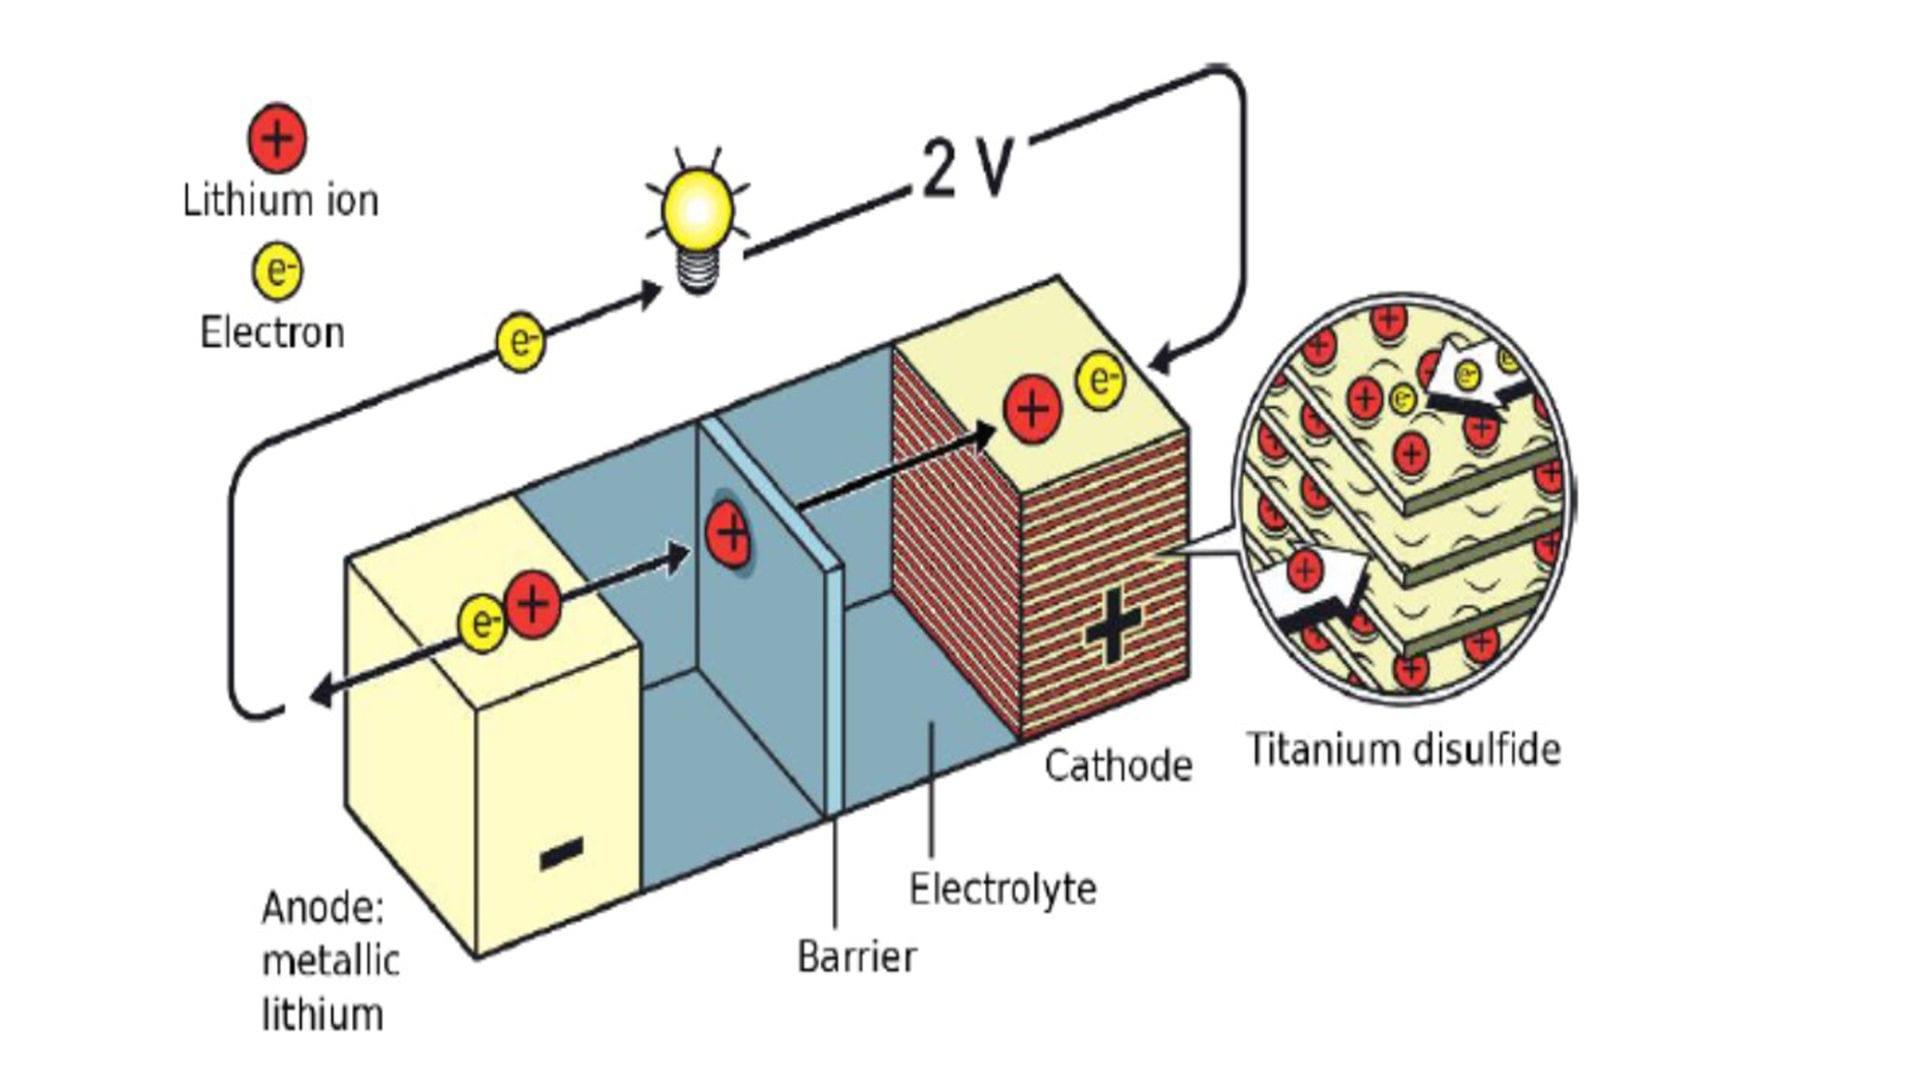 Pin điện lithium-ion hoạt động ra sao? - 4